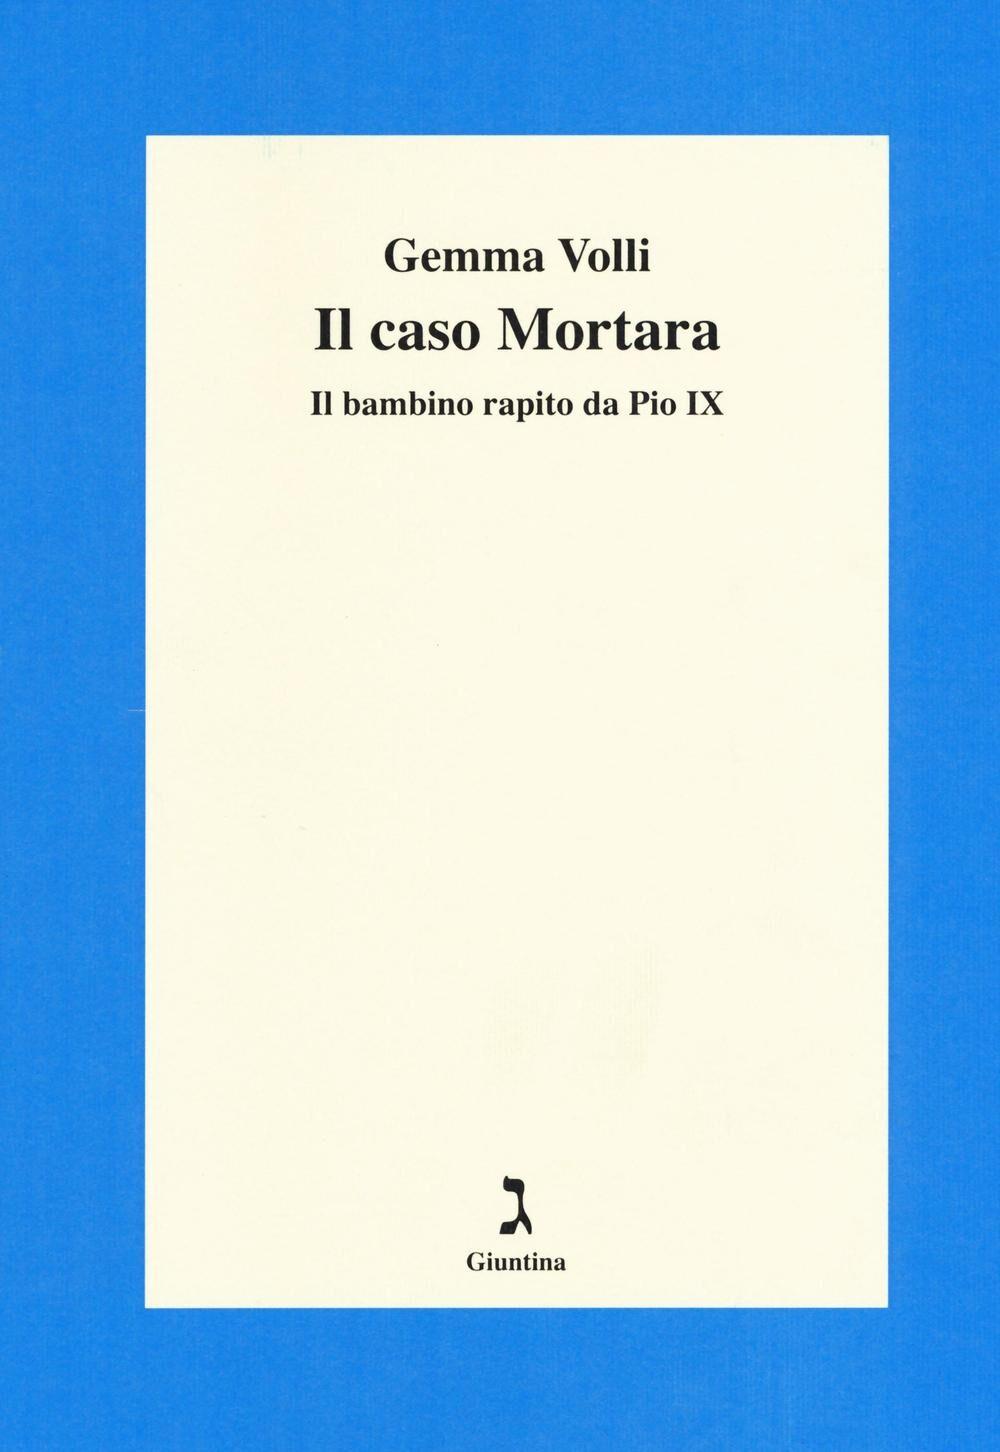 Il caso Mortara. Il bambino rapito da Pio IX